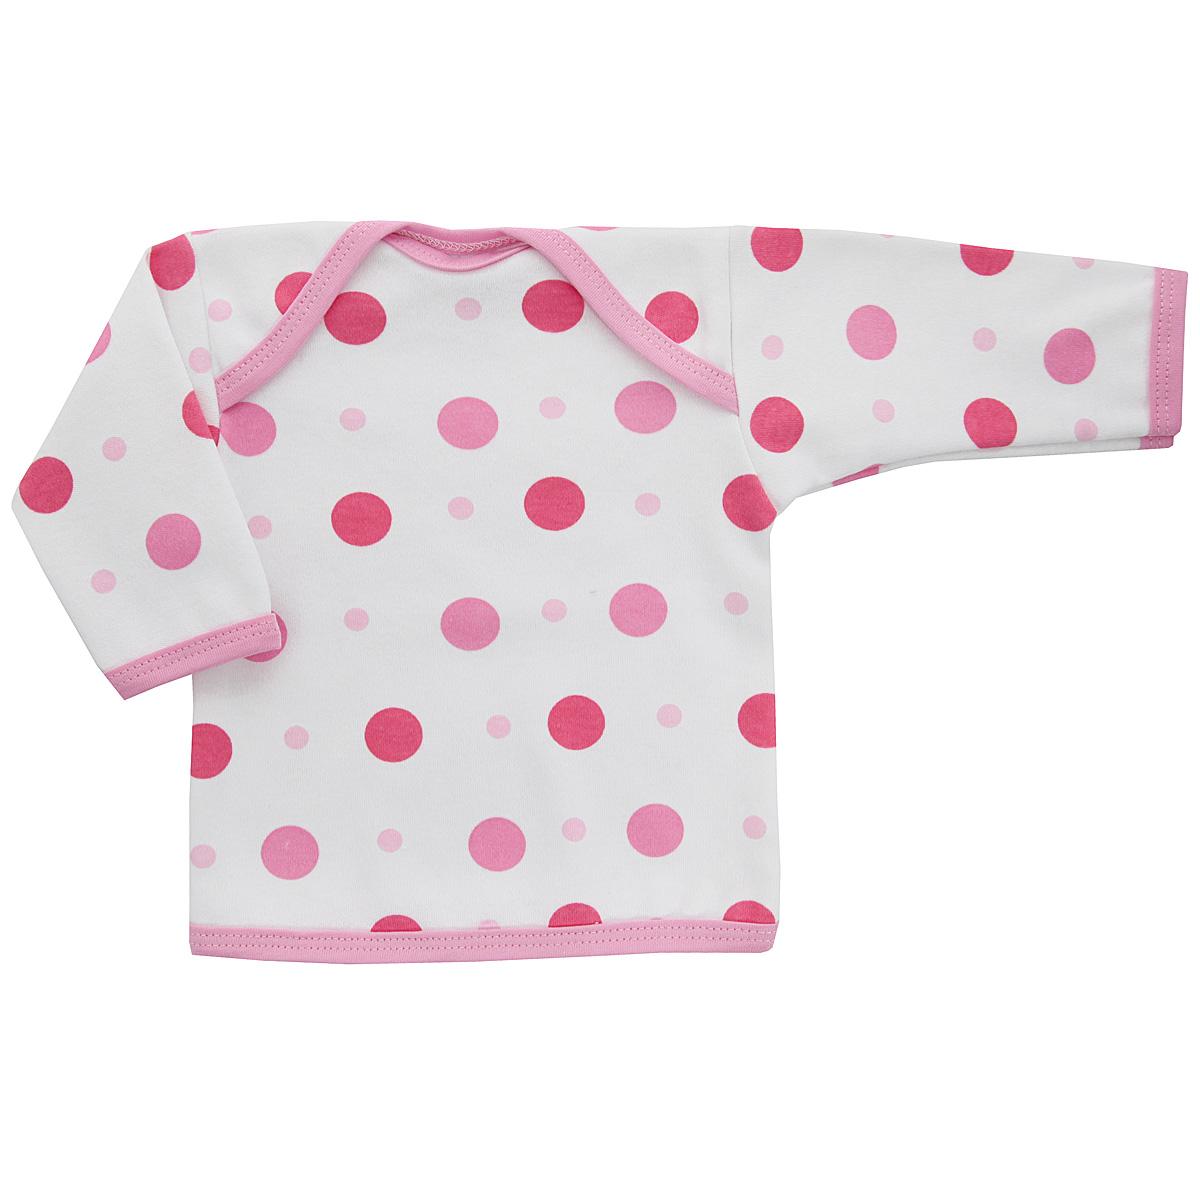 Футболка с длинным рукавом детская Трон-плюс, цвет: белый, розовый. 5611_горох. Размер 86, 18 месяцев5611_горохУдобная детская футболка Трон-плюс с длинными рукавами послужит идеальным дополнением к гардеробу вашего ребенка, обеспечивая ему наибольший комфорт. Изготовленная из интерлока - натурального хлопка, она необычайно мягкая и легкая, не раздражает нежную кожу ребенка и хорошо вентилируется, а эластичные швы приятны телу ребенка и не препятствуют его движениям. Удобные запахи на плечах помогают легко переодеть младенца. Горловина, низ модели и низ рукавов дополнены трикотажной бейкой. Спинка модели незначительно укорочена. Оформлено изделие гороховым принтом. Футболка полностью соответствует особенностям жизни ребенка в ранний период, не стесняя и не ограничивая его в движениях.